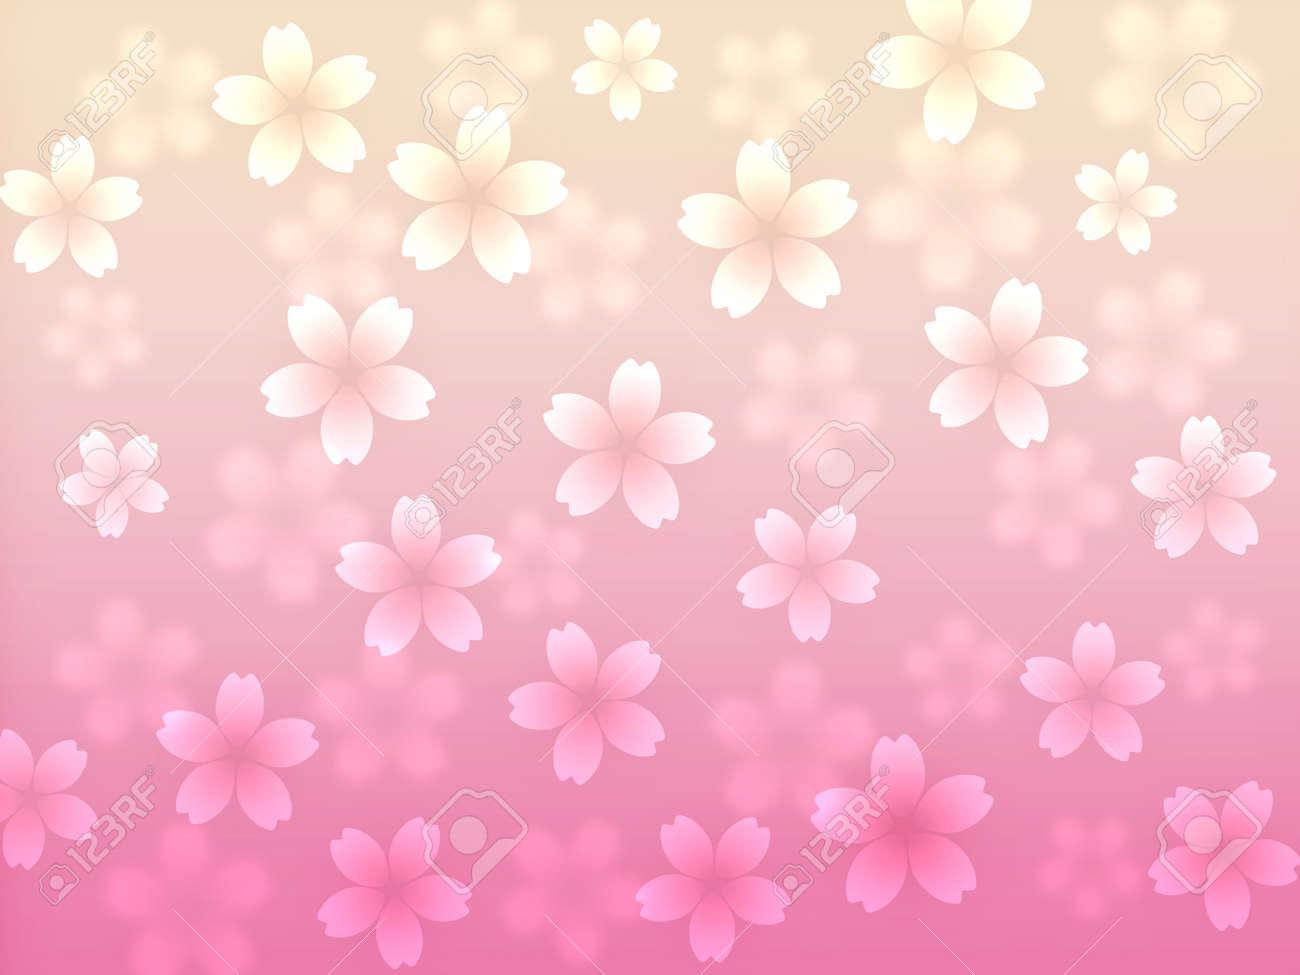 抽象的な桜背景イラスト ロイヤリティーフリーフォト、ピクチャー、画像